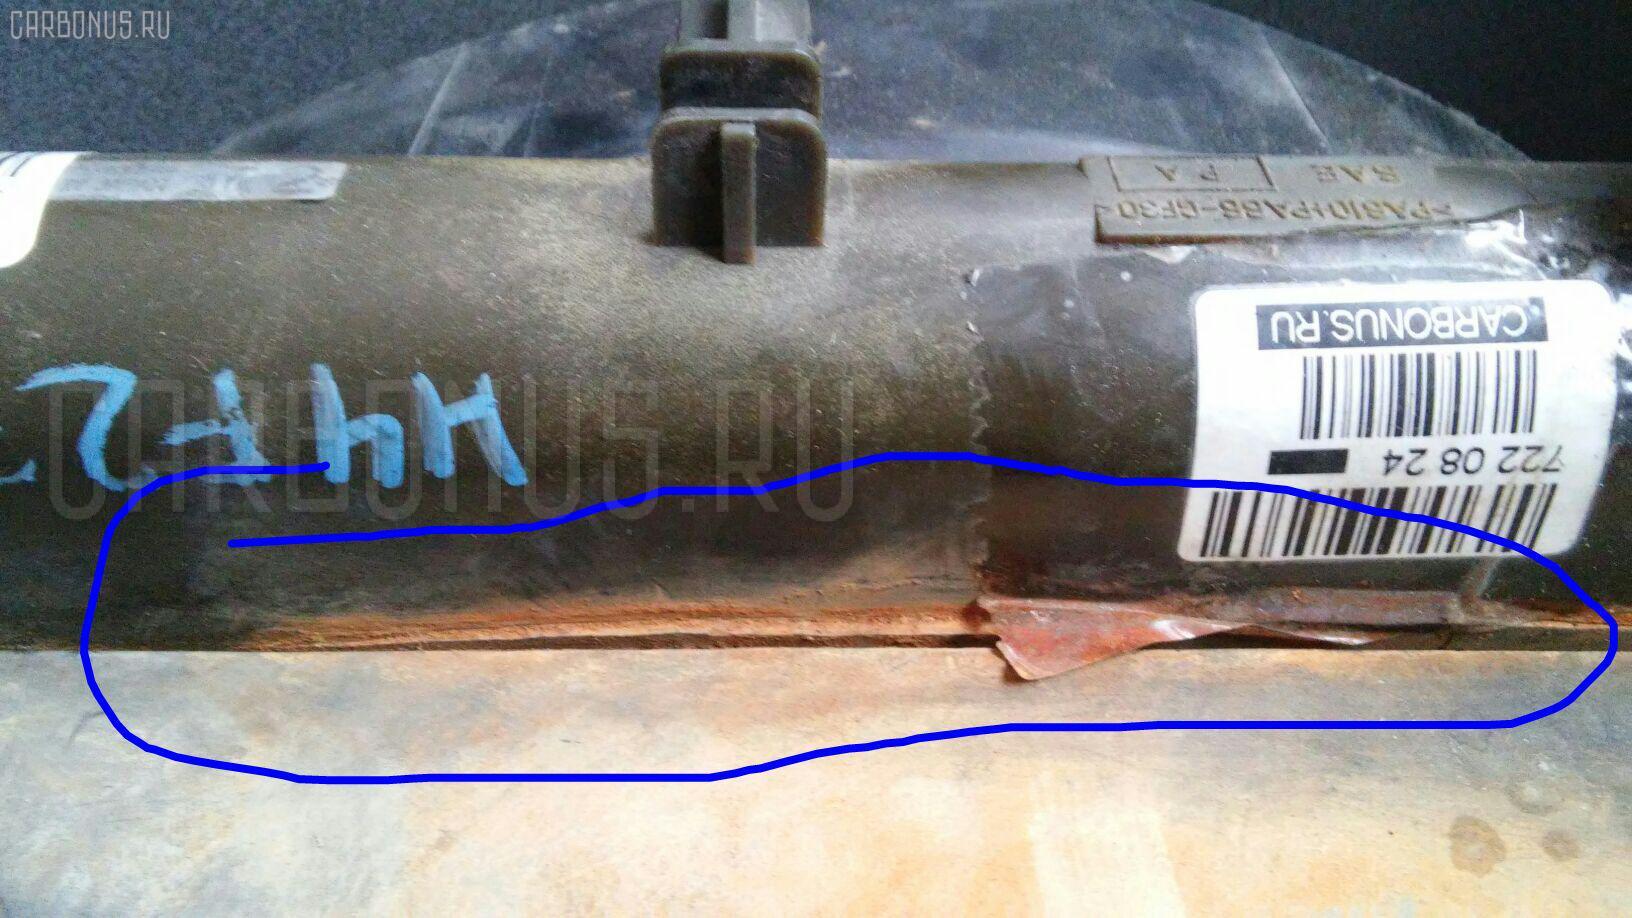 Радиатор ДВС NISSAN ATLAS H4F23 NA20 Фото 1